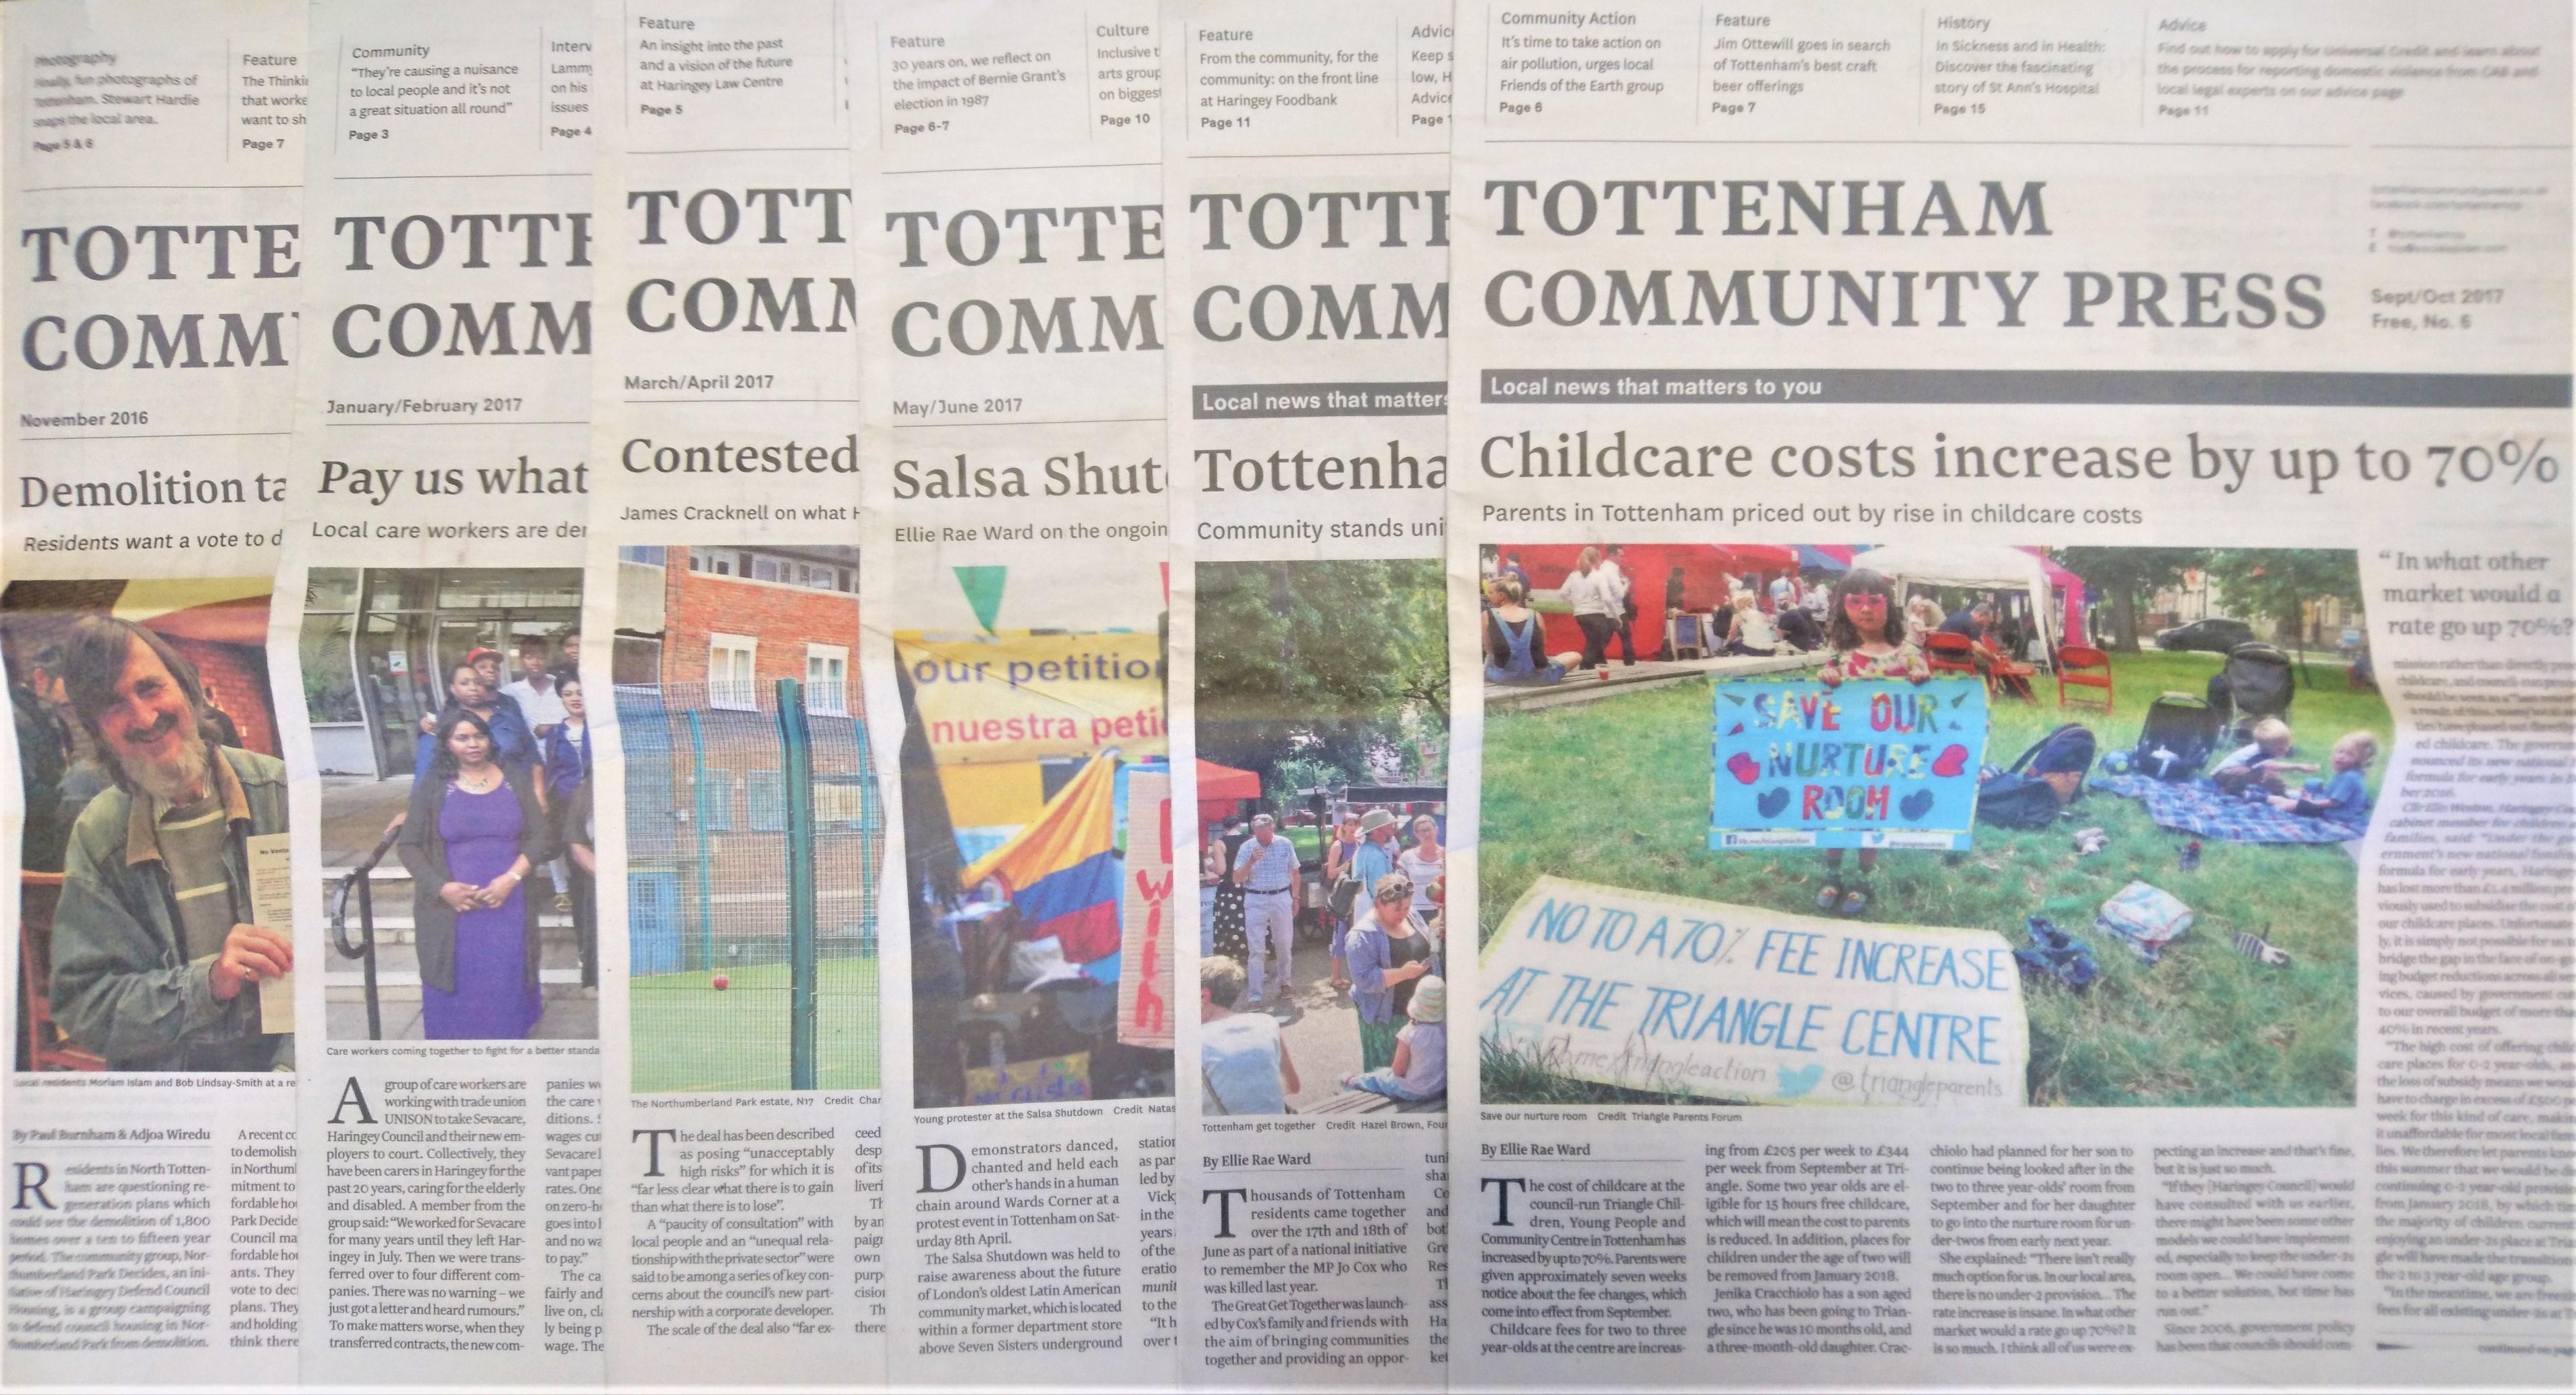 Tottenham Community Press